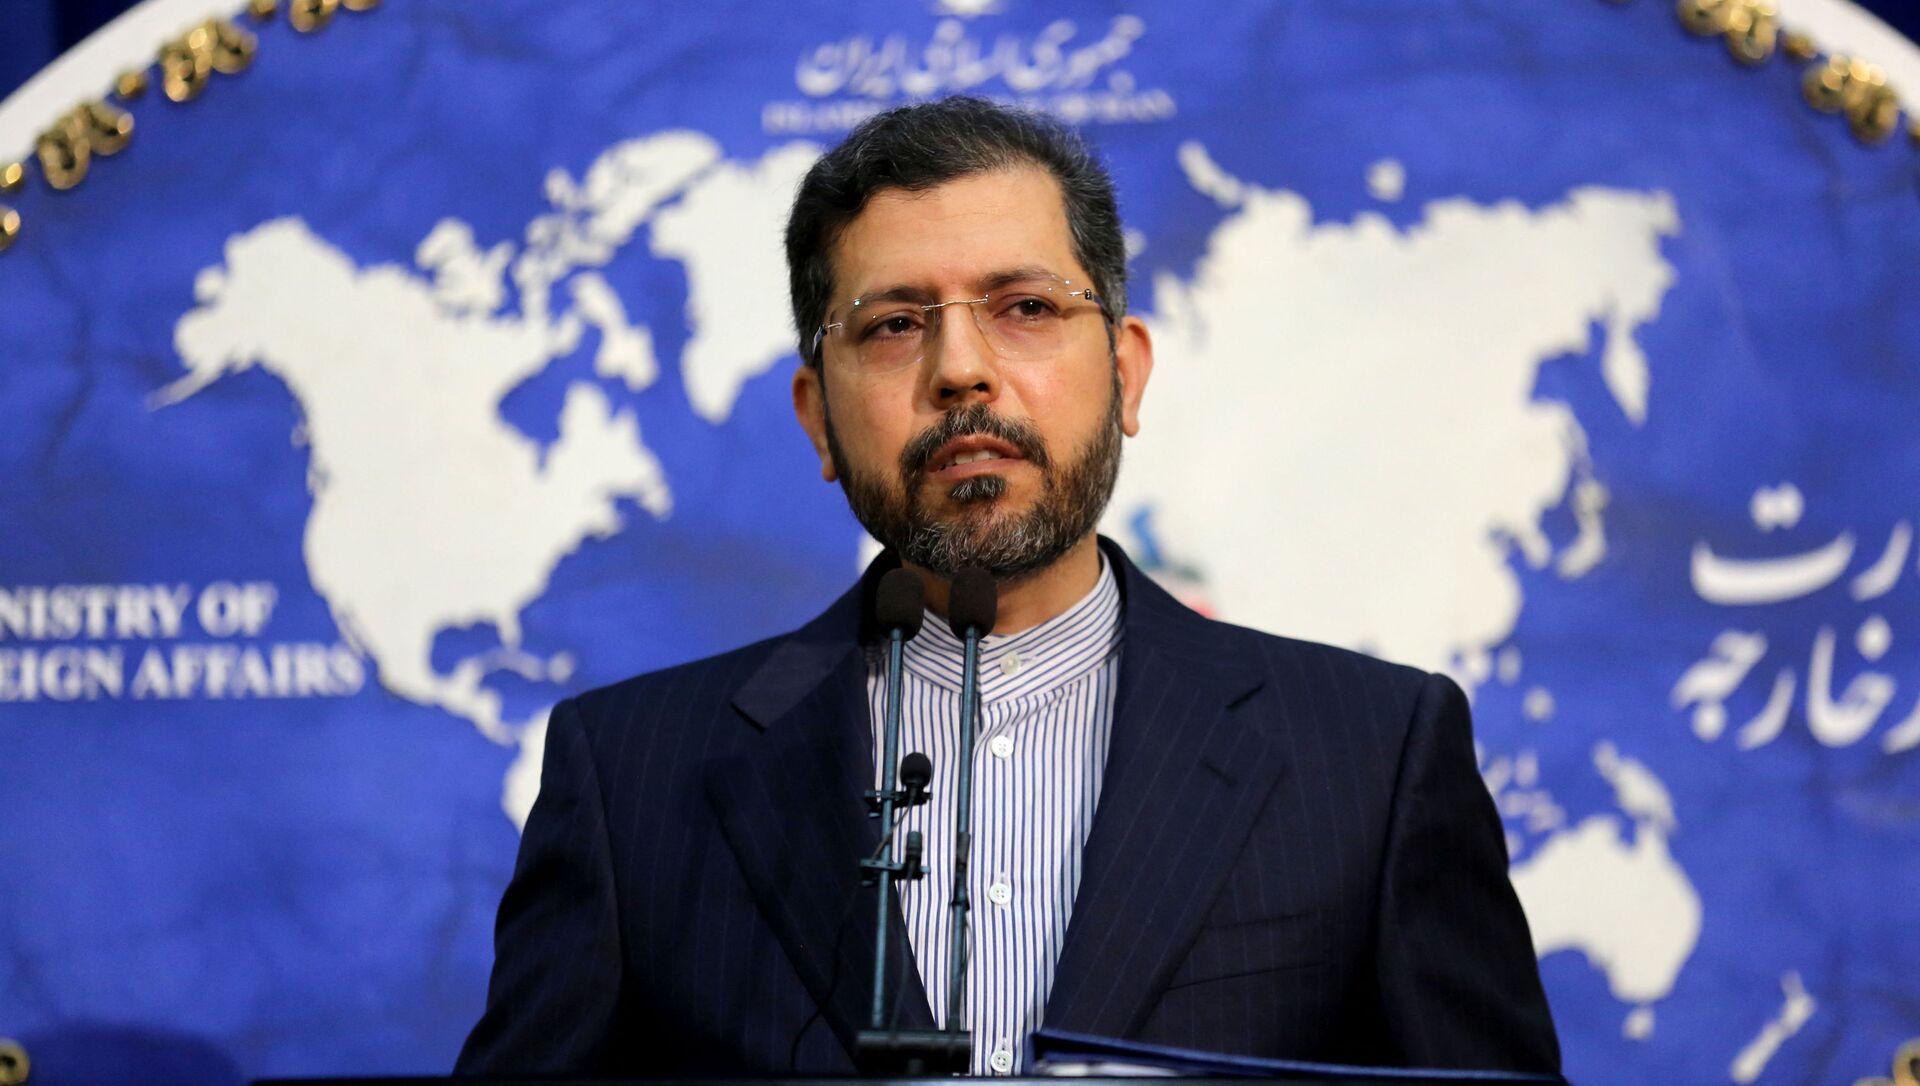 Người phát ngôn Bộ Ngoại giao Iran Saeed Khatibzadeh. - Sputnik Việt Nam, 1920, 17.04.2021